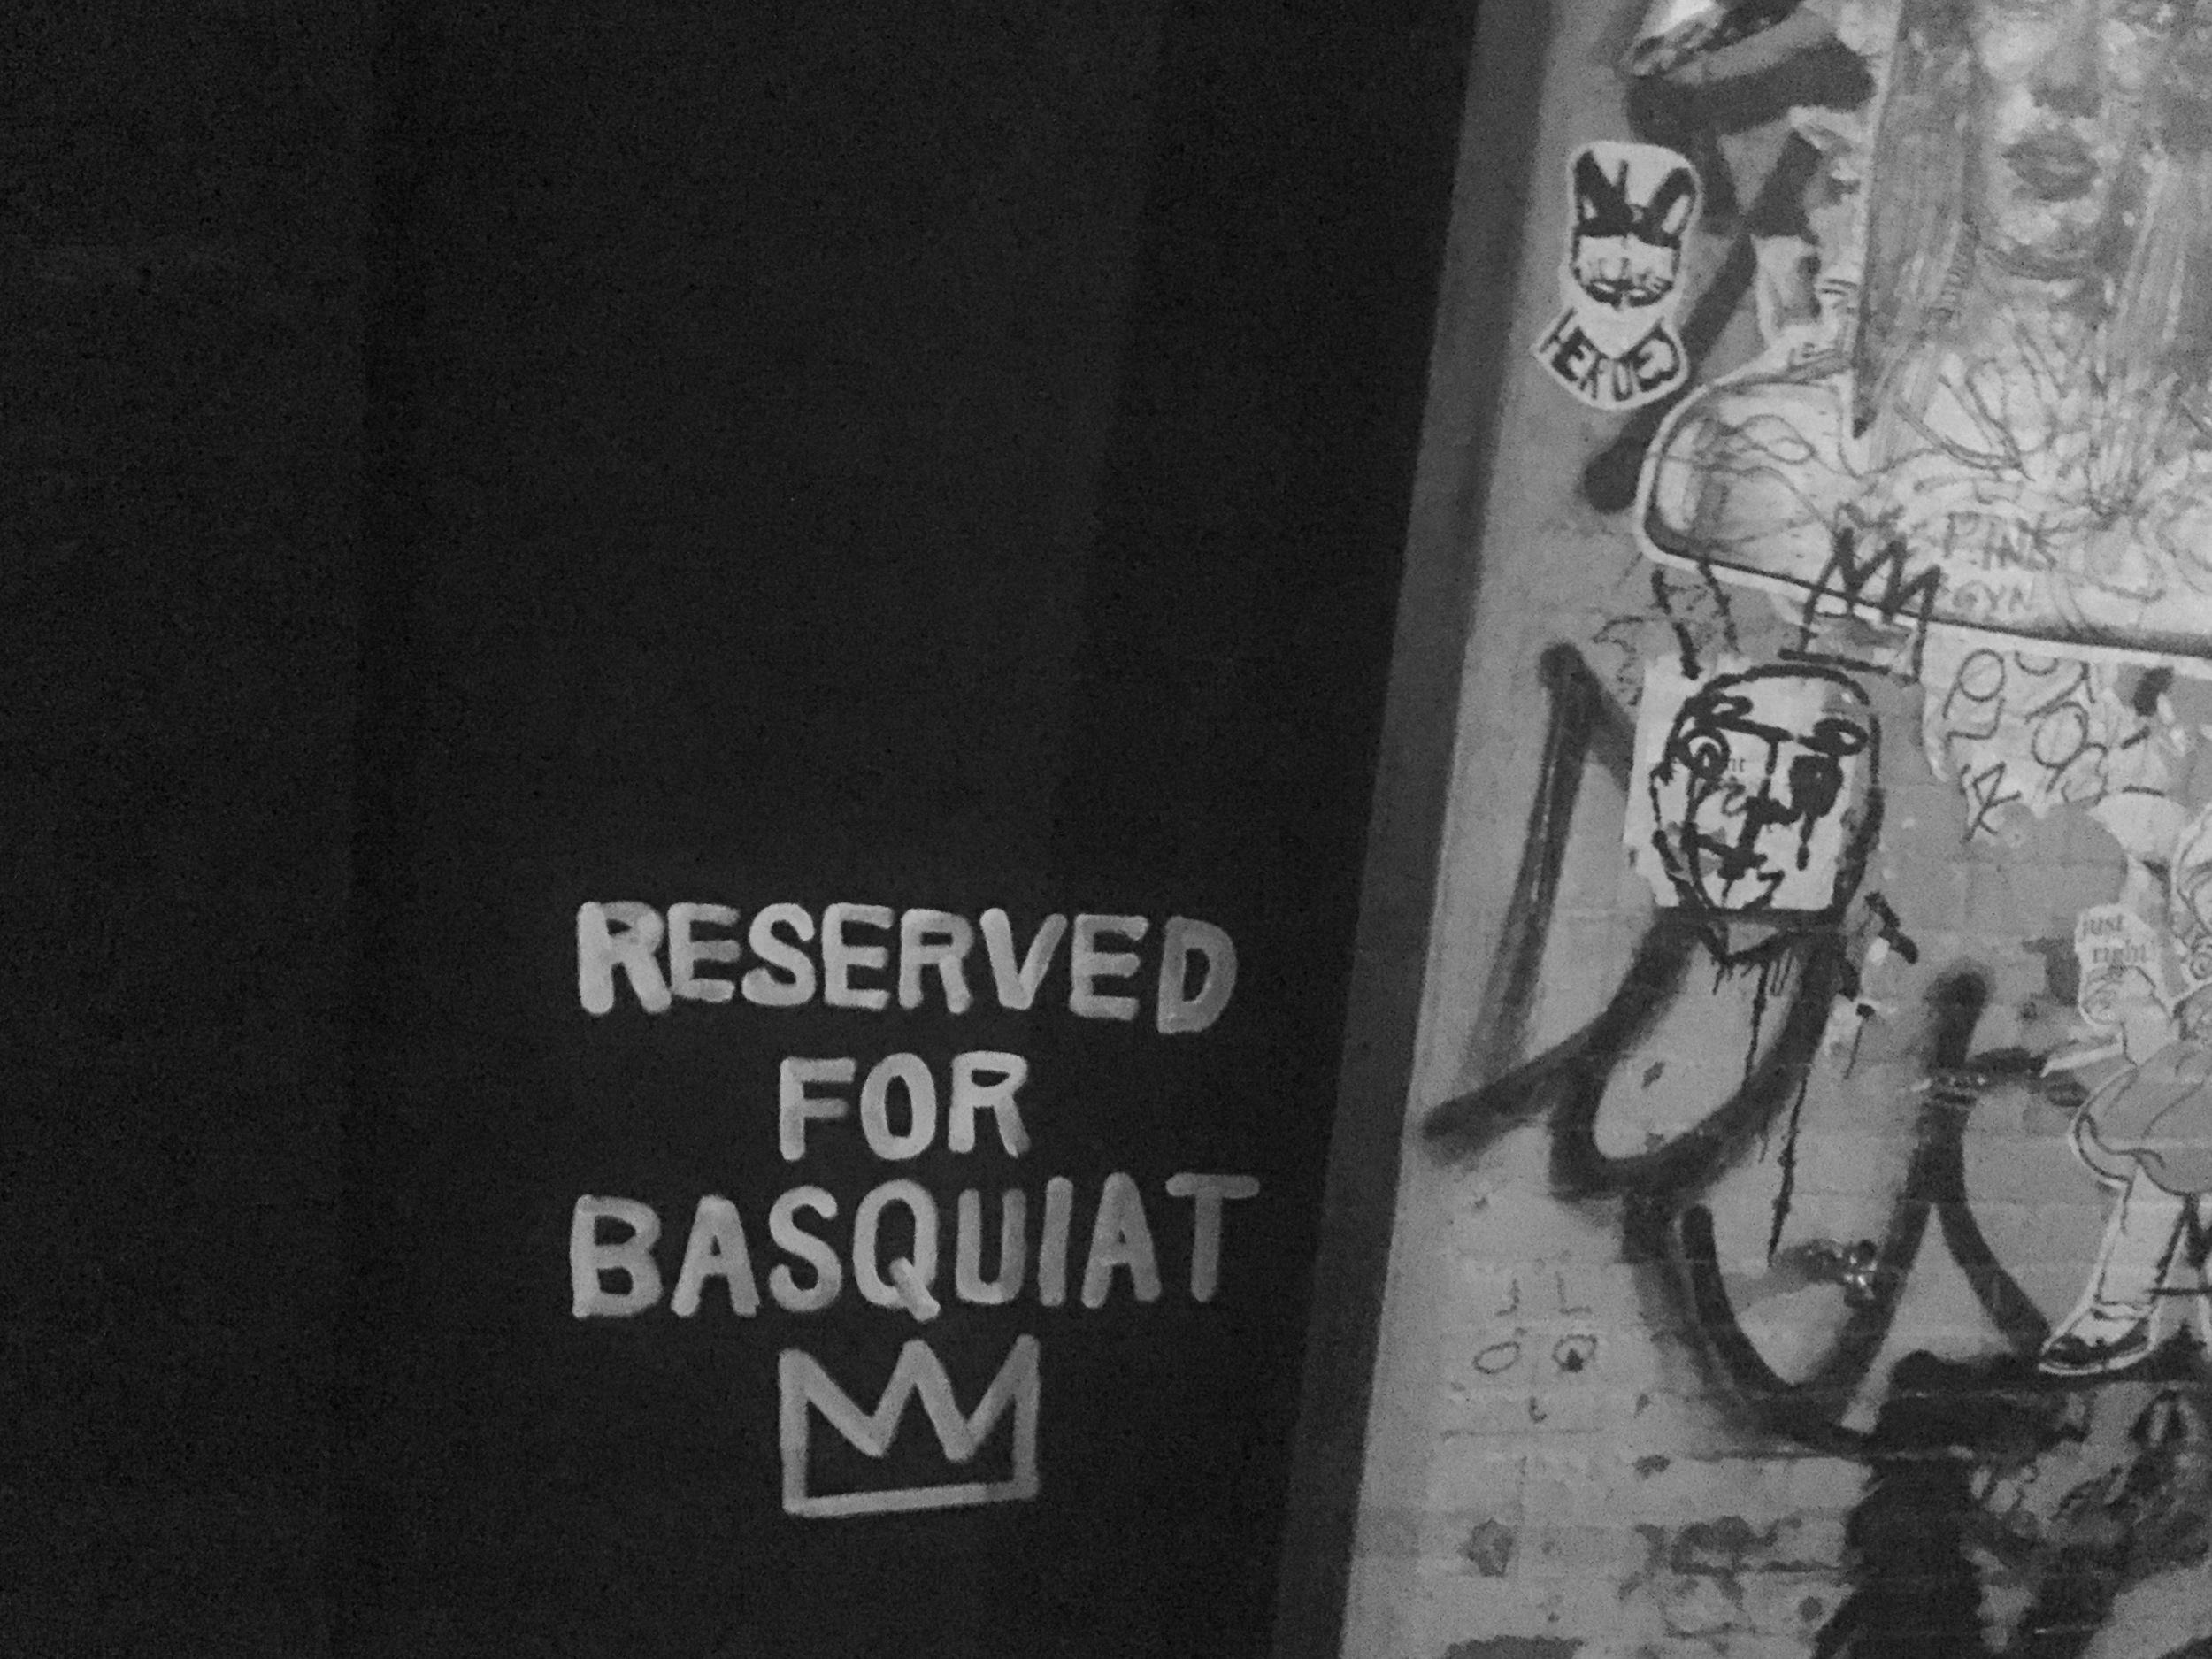 Baquiat